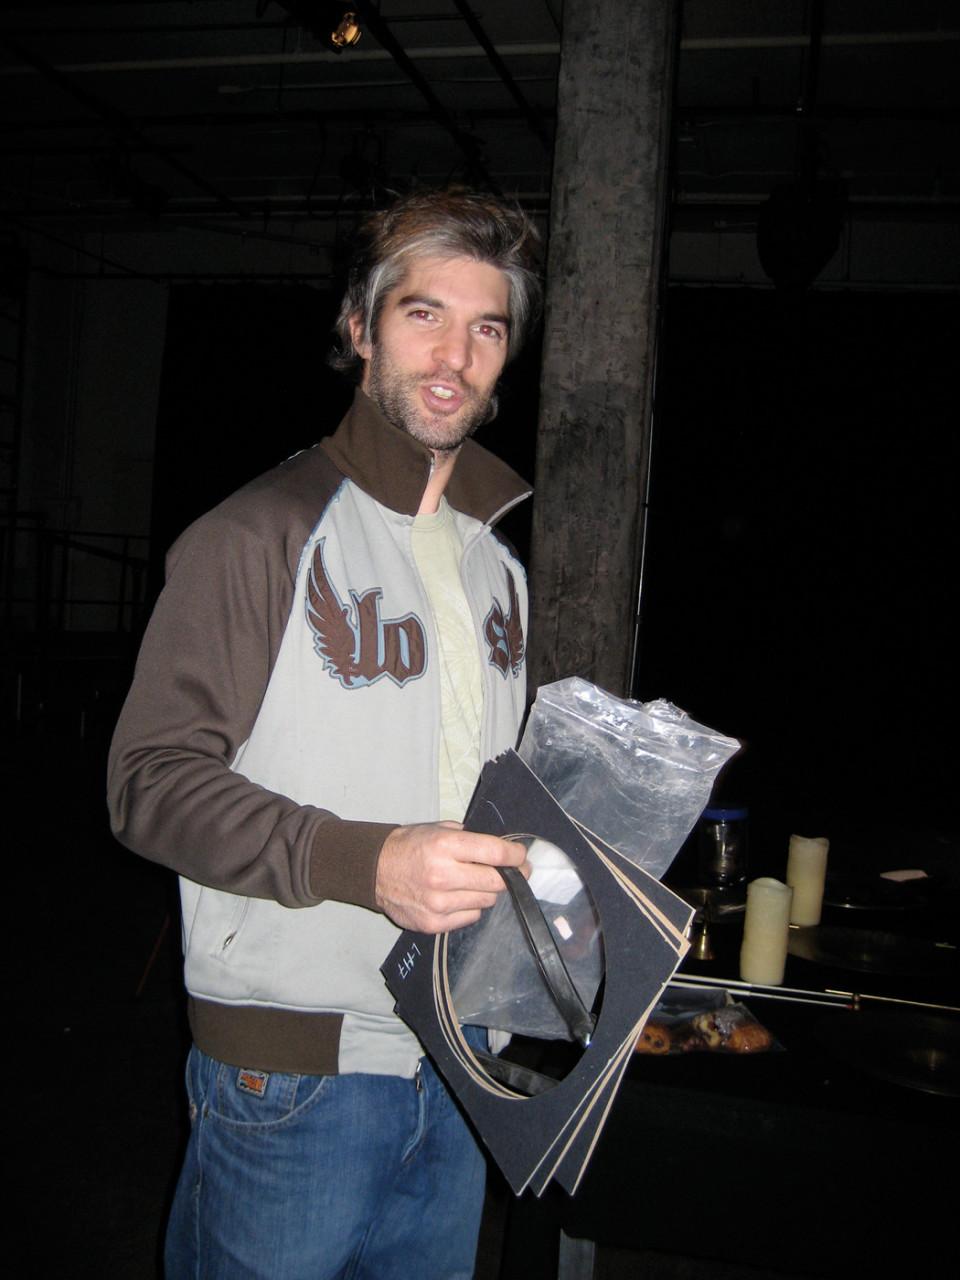 Alexandre Péloquin en répétition pour le spectacle Y'a du bruit dans ma cabane de Productions SuperMusique [Photo: Joane Hétu, décembre 2008]